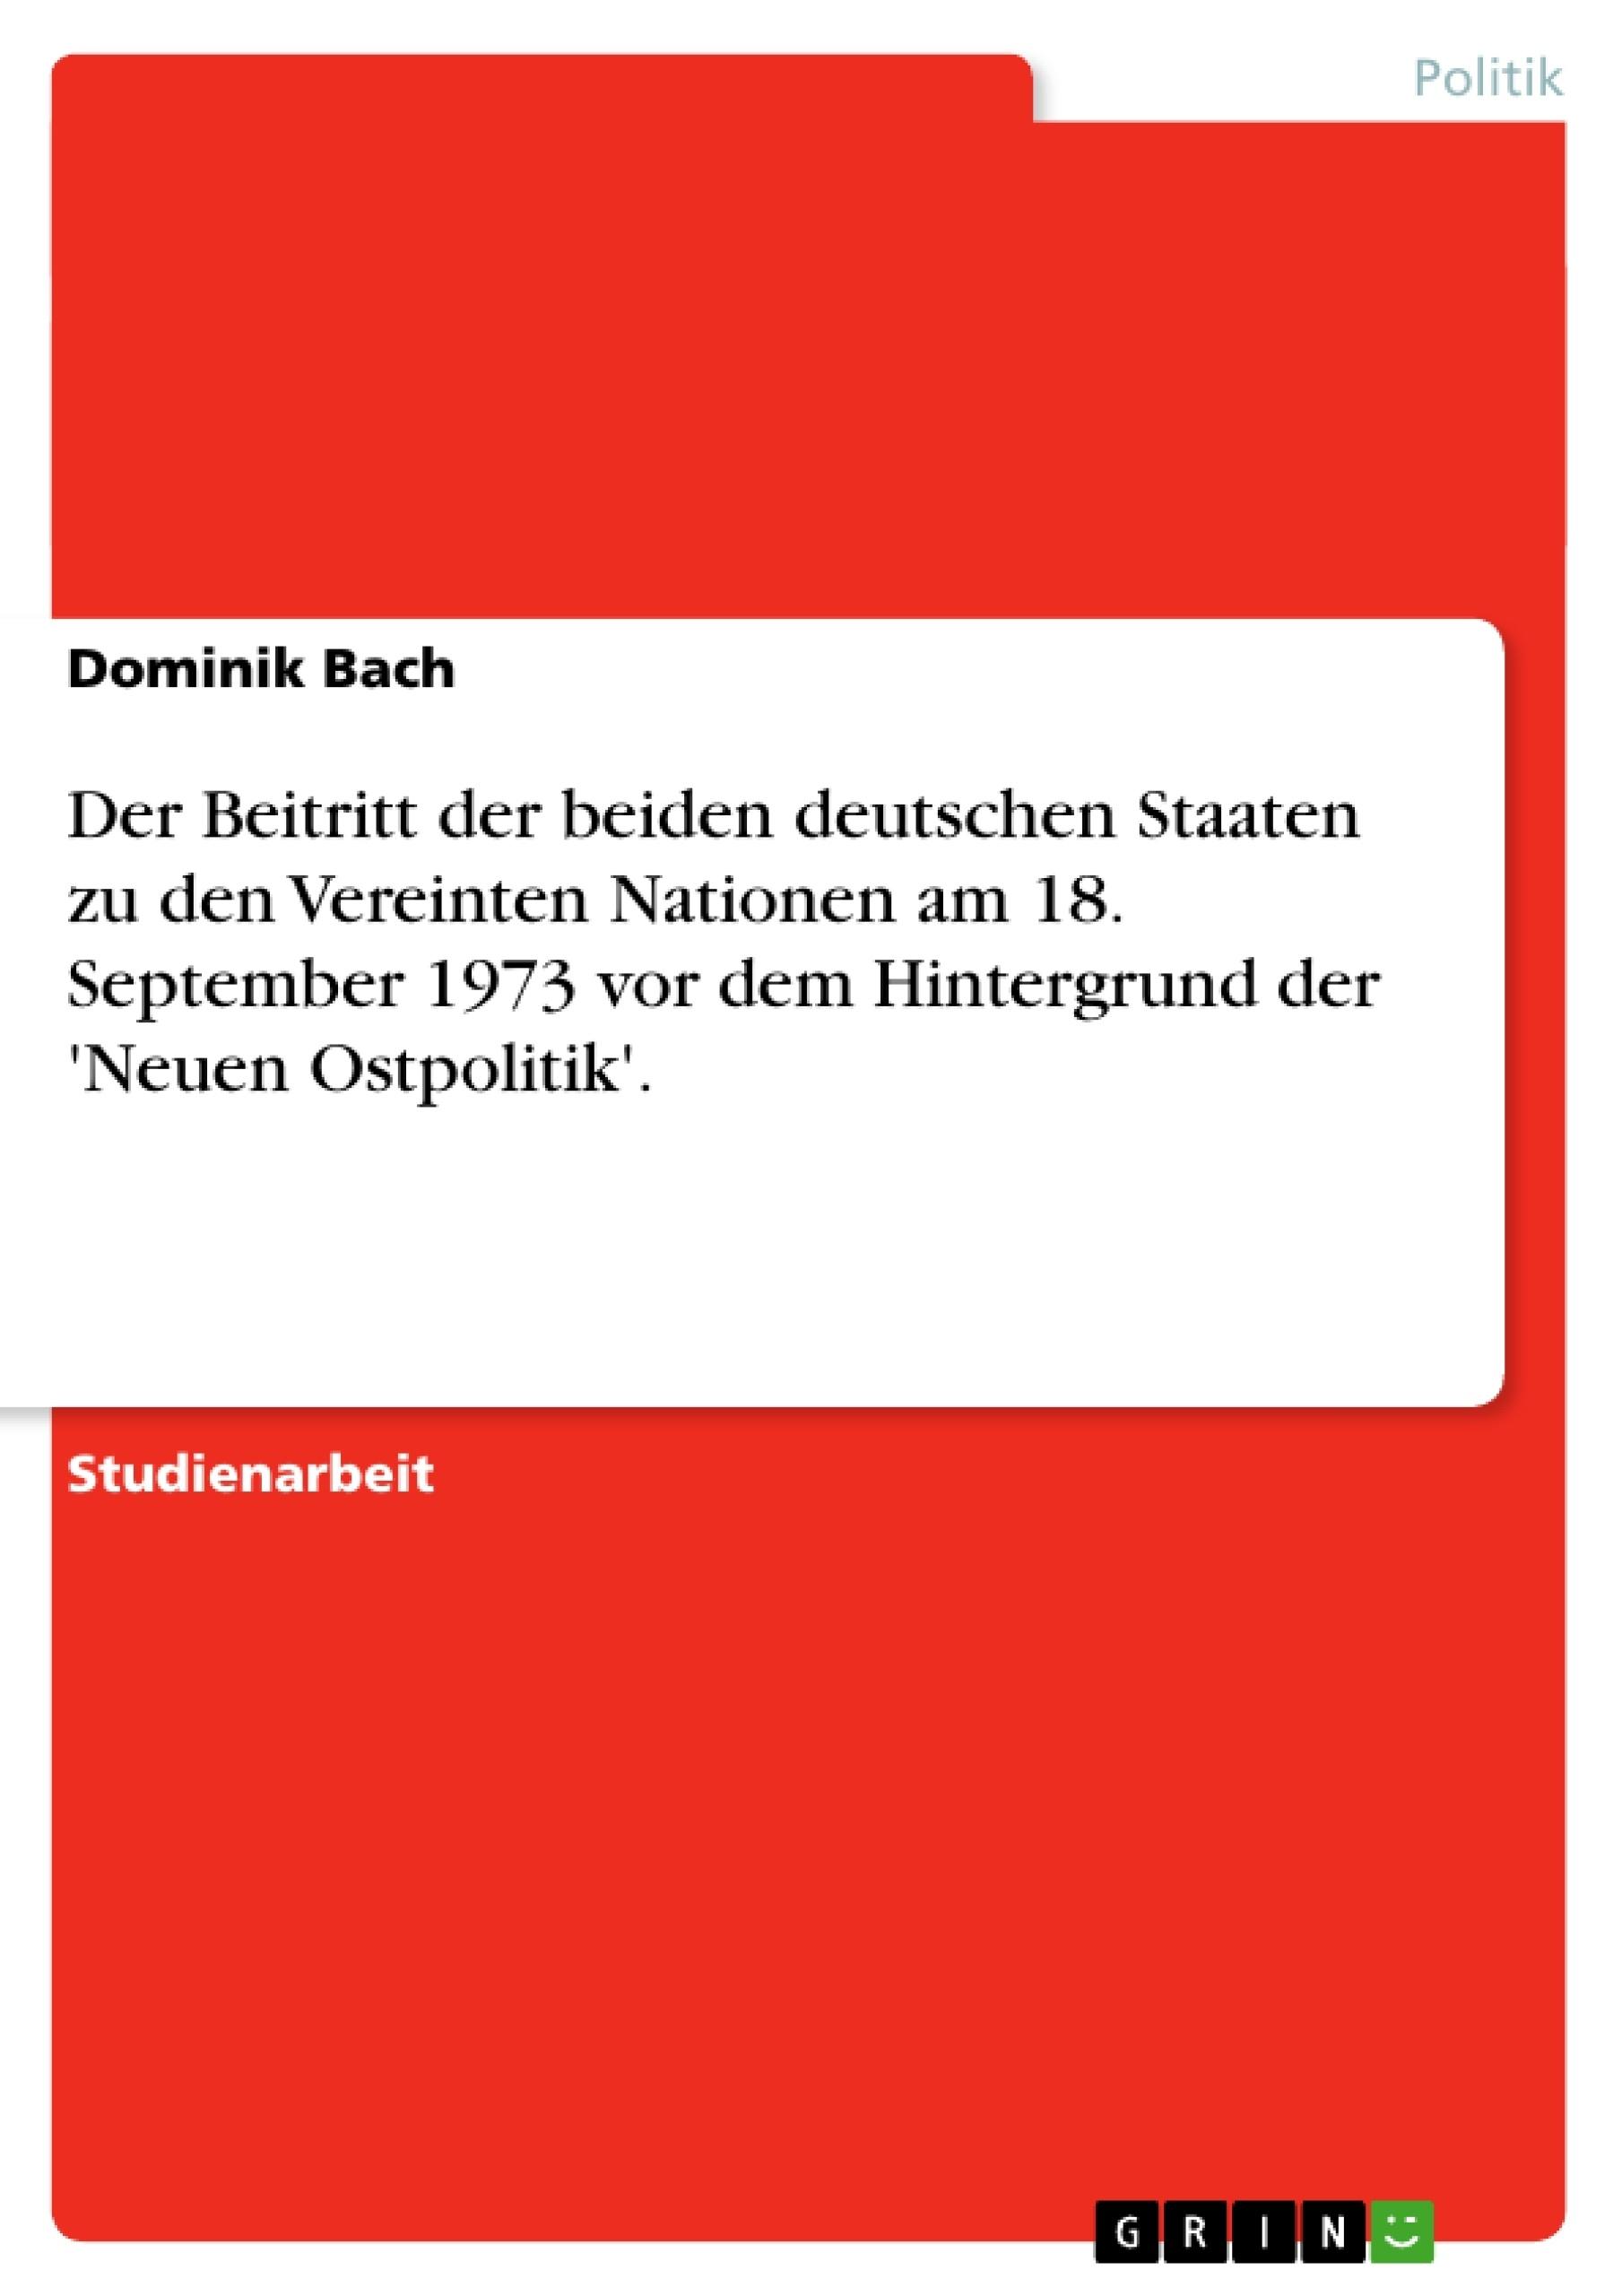 Titel: Der Beitritt der beiden deutschen Staaten zu den Vereinten Nationen am 18. September 1973 vor dem Hintergrund der 'Neuen Ostpolitik'.